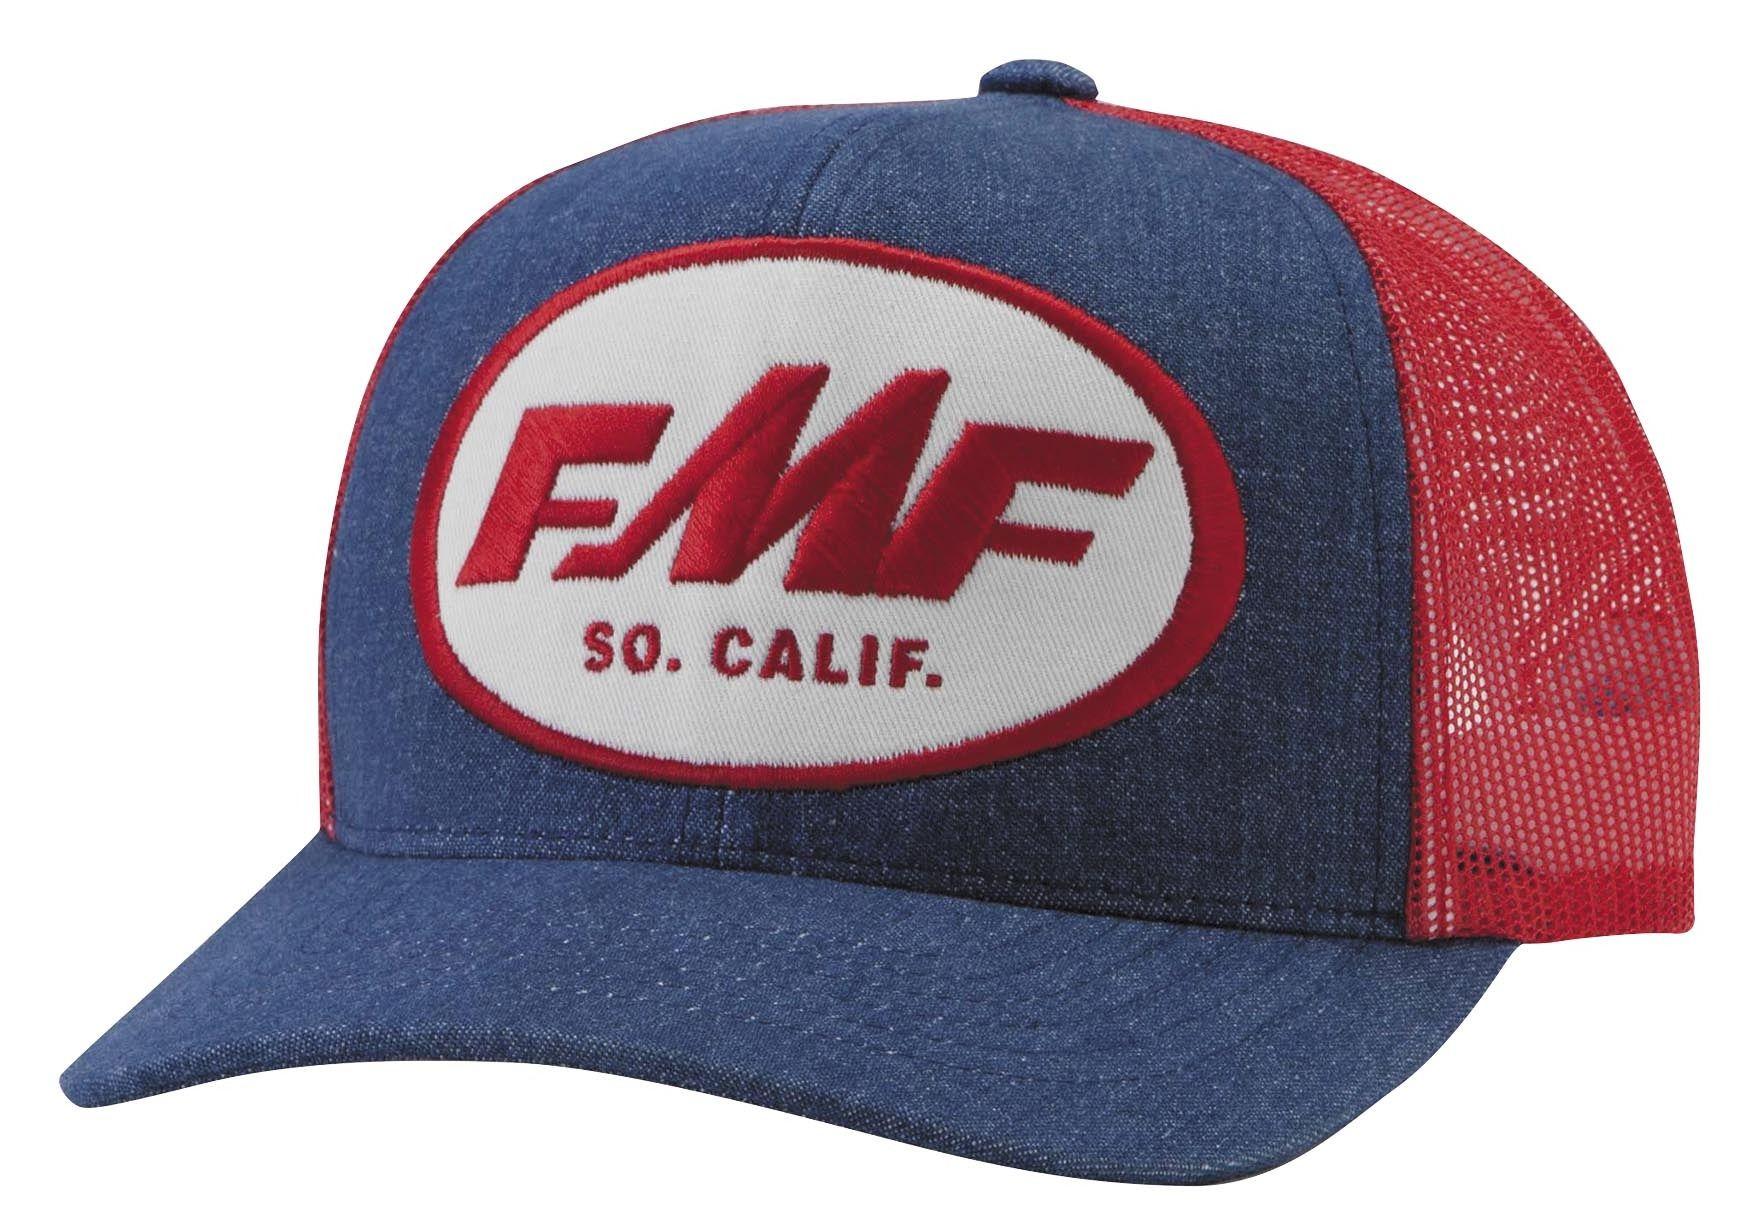 7b2ca365a69 FMF Ronnie Mac Hat - RevZilla